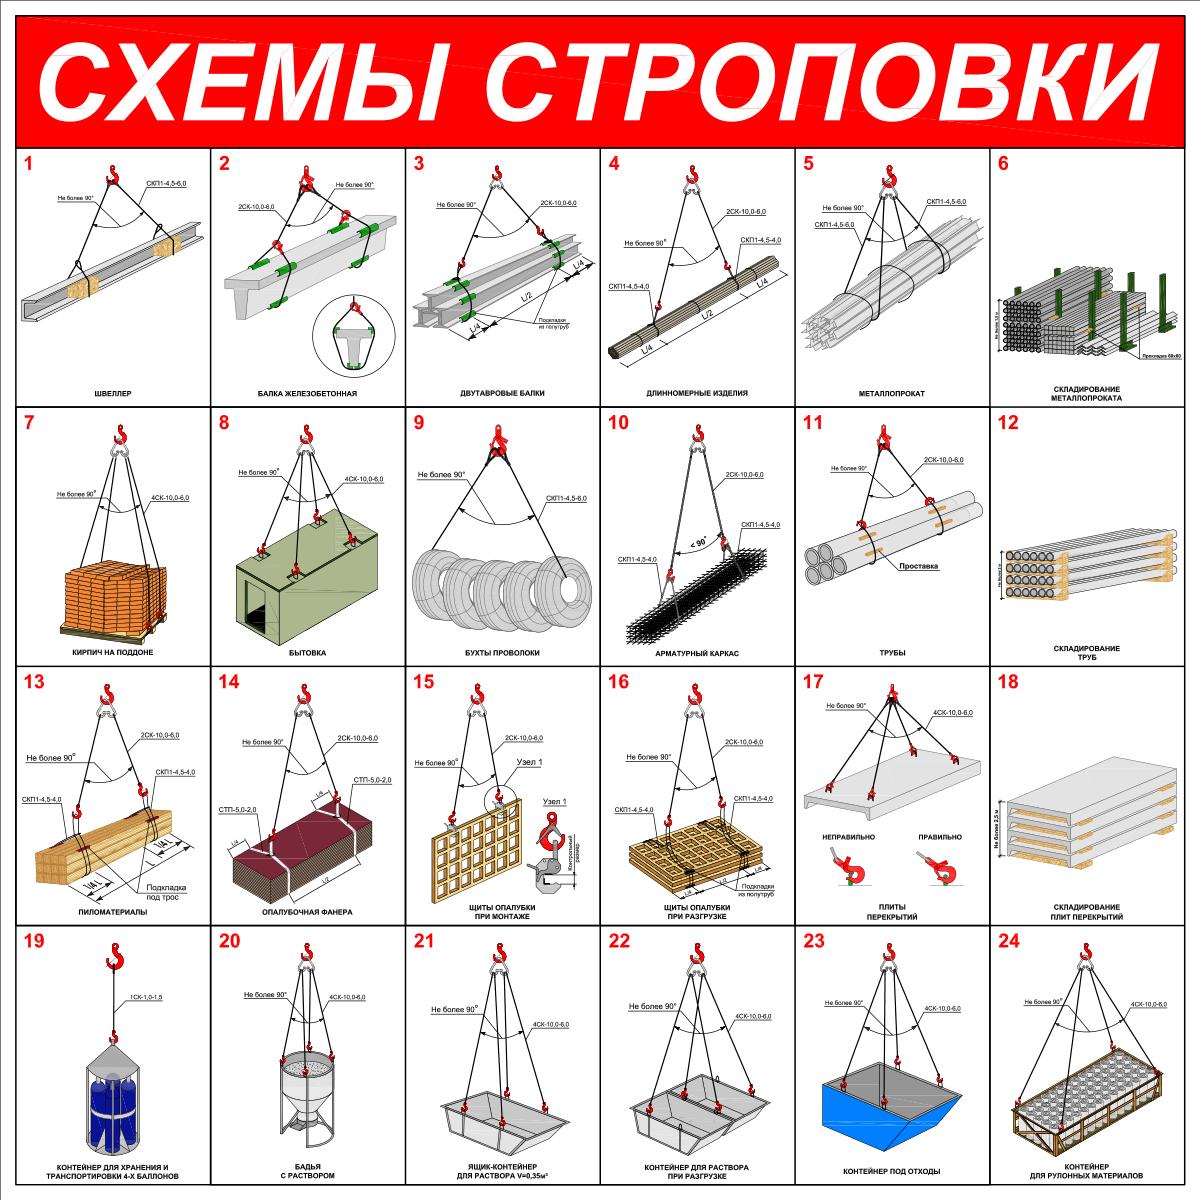 Схемы строповки грузов